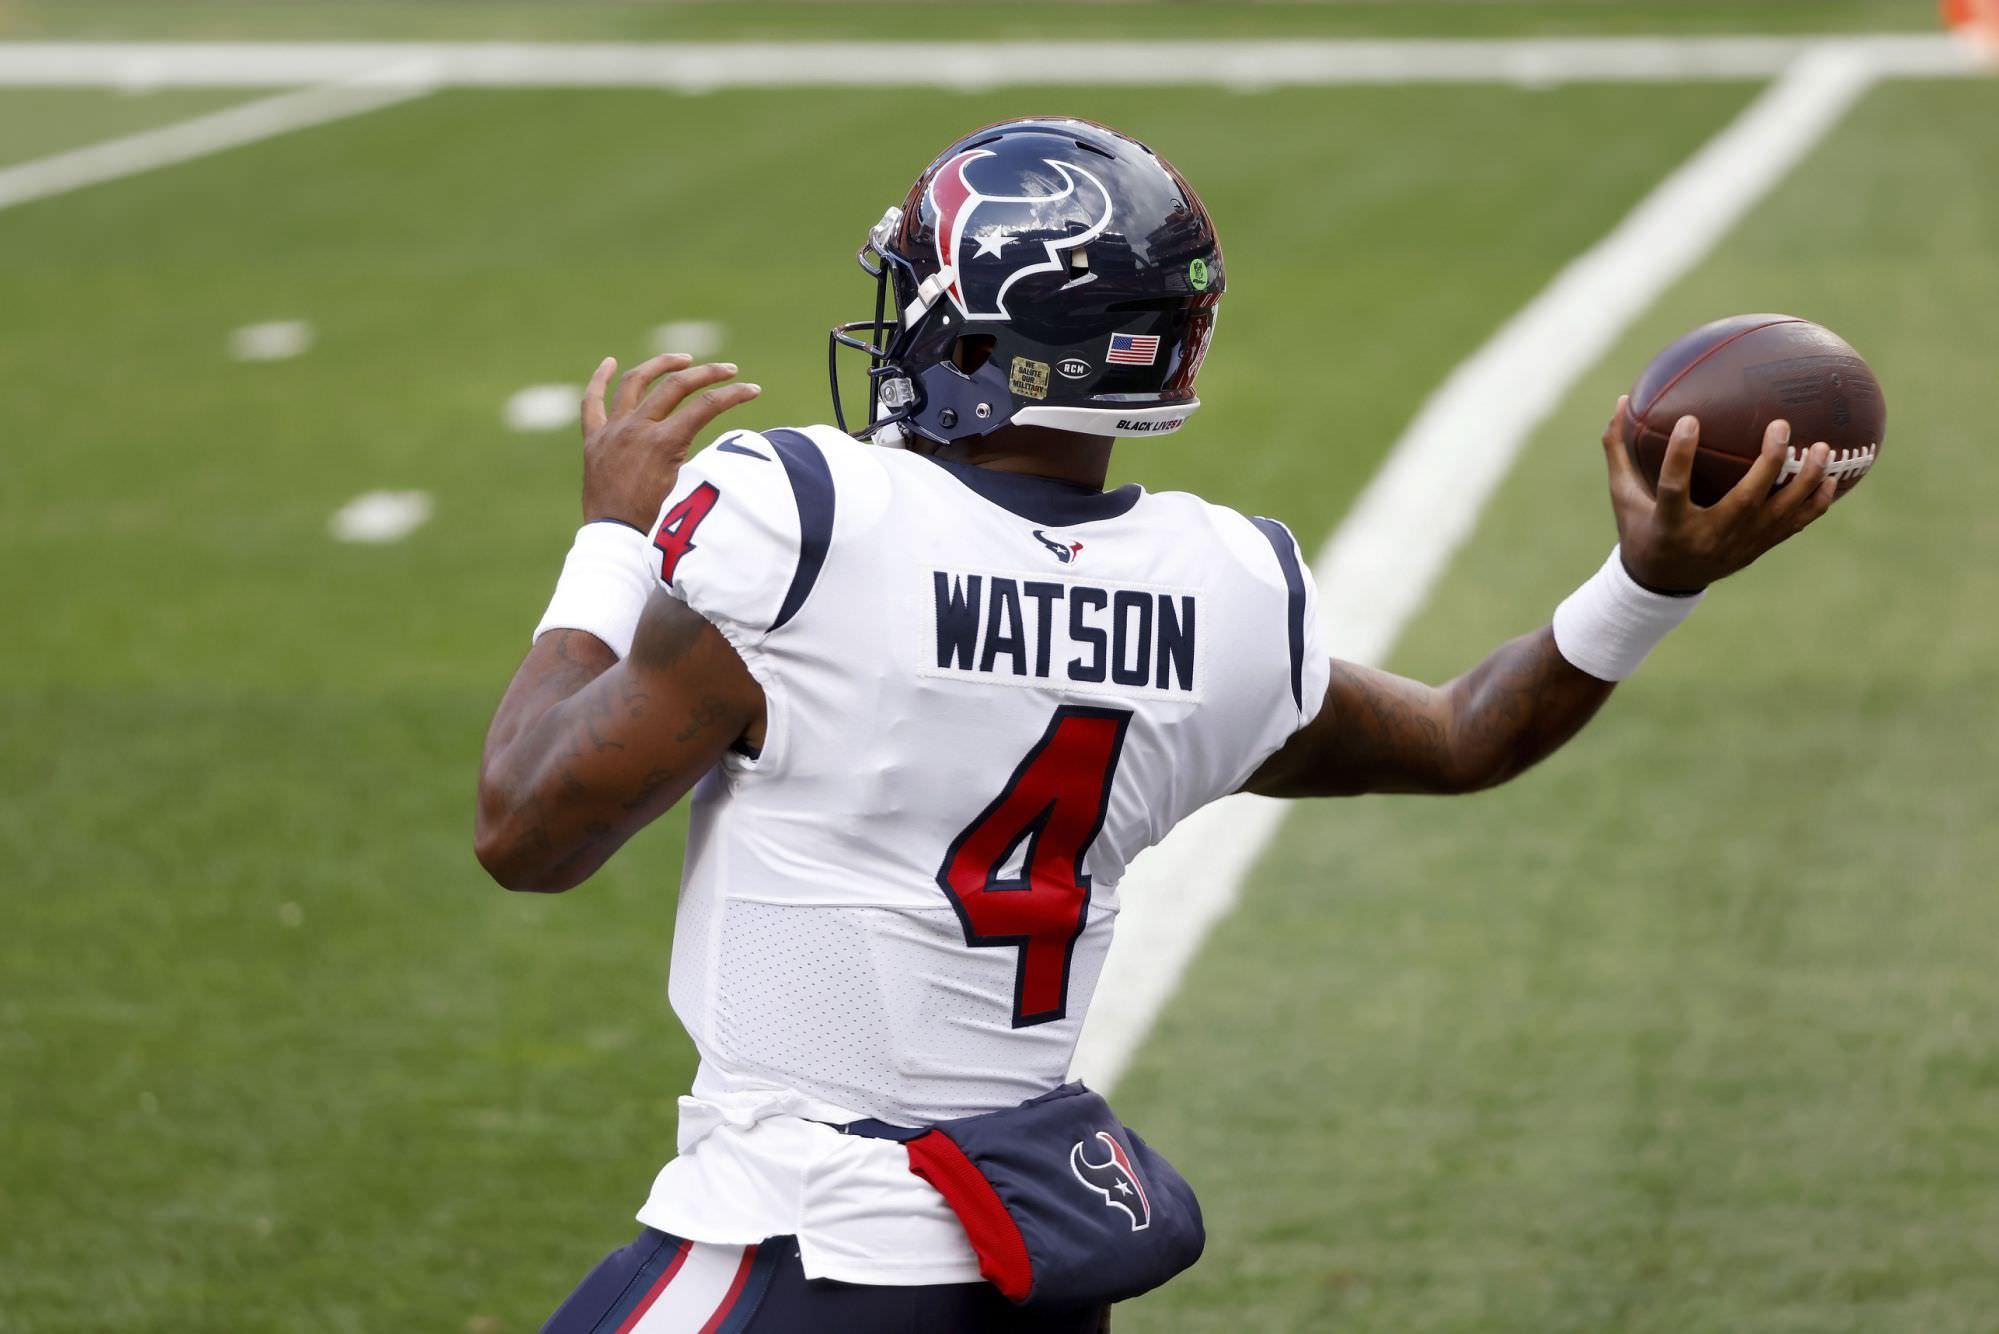 Os cardeais WR DeAndre Hopkins dão 'glória' ao Texans QB Deshaun Watson por ganhar o título de passes